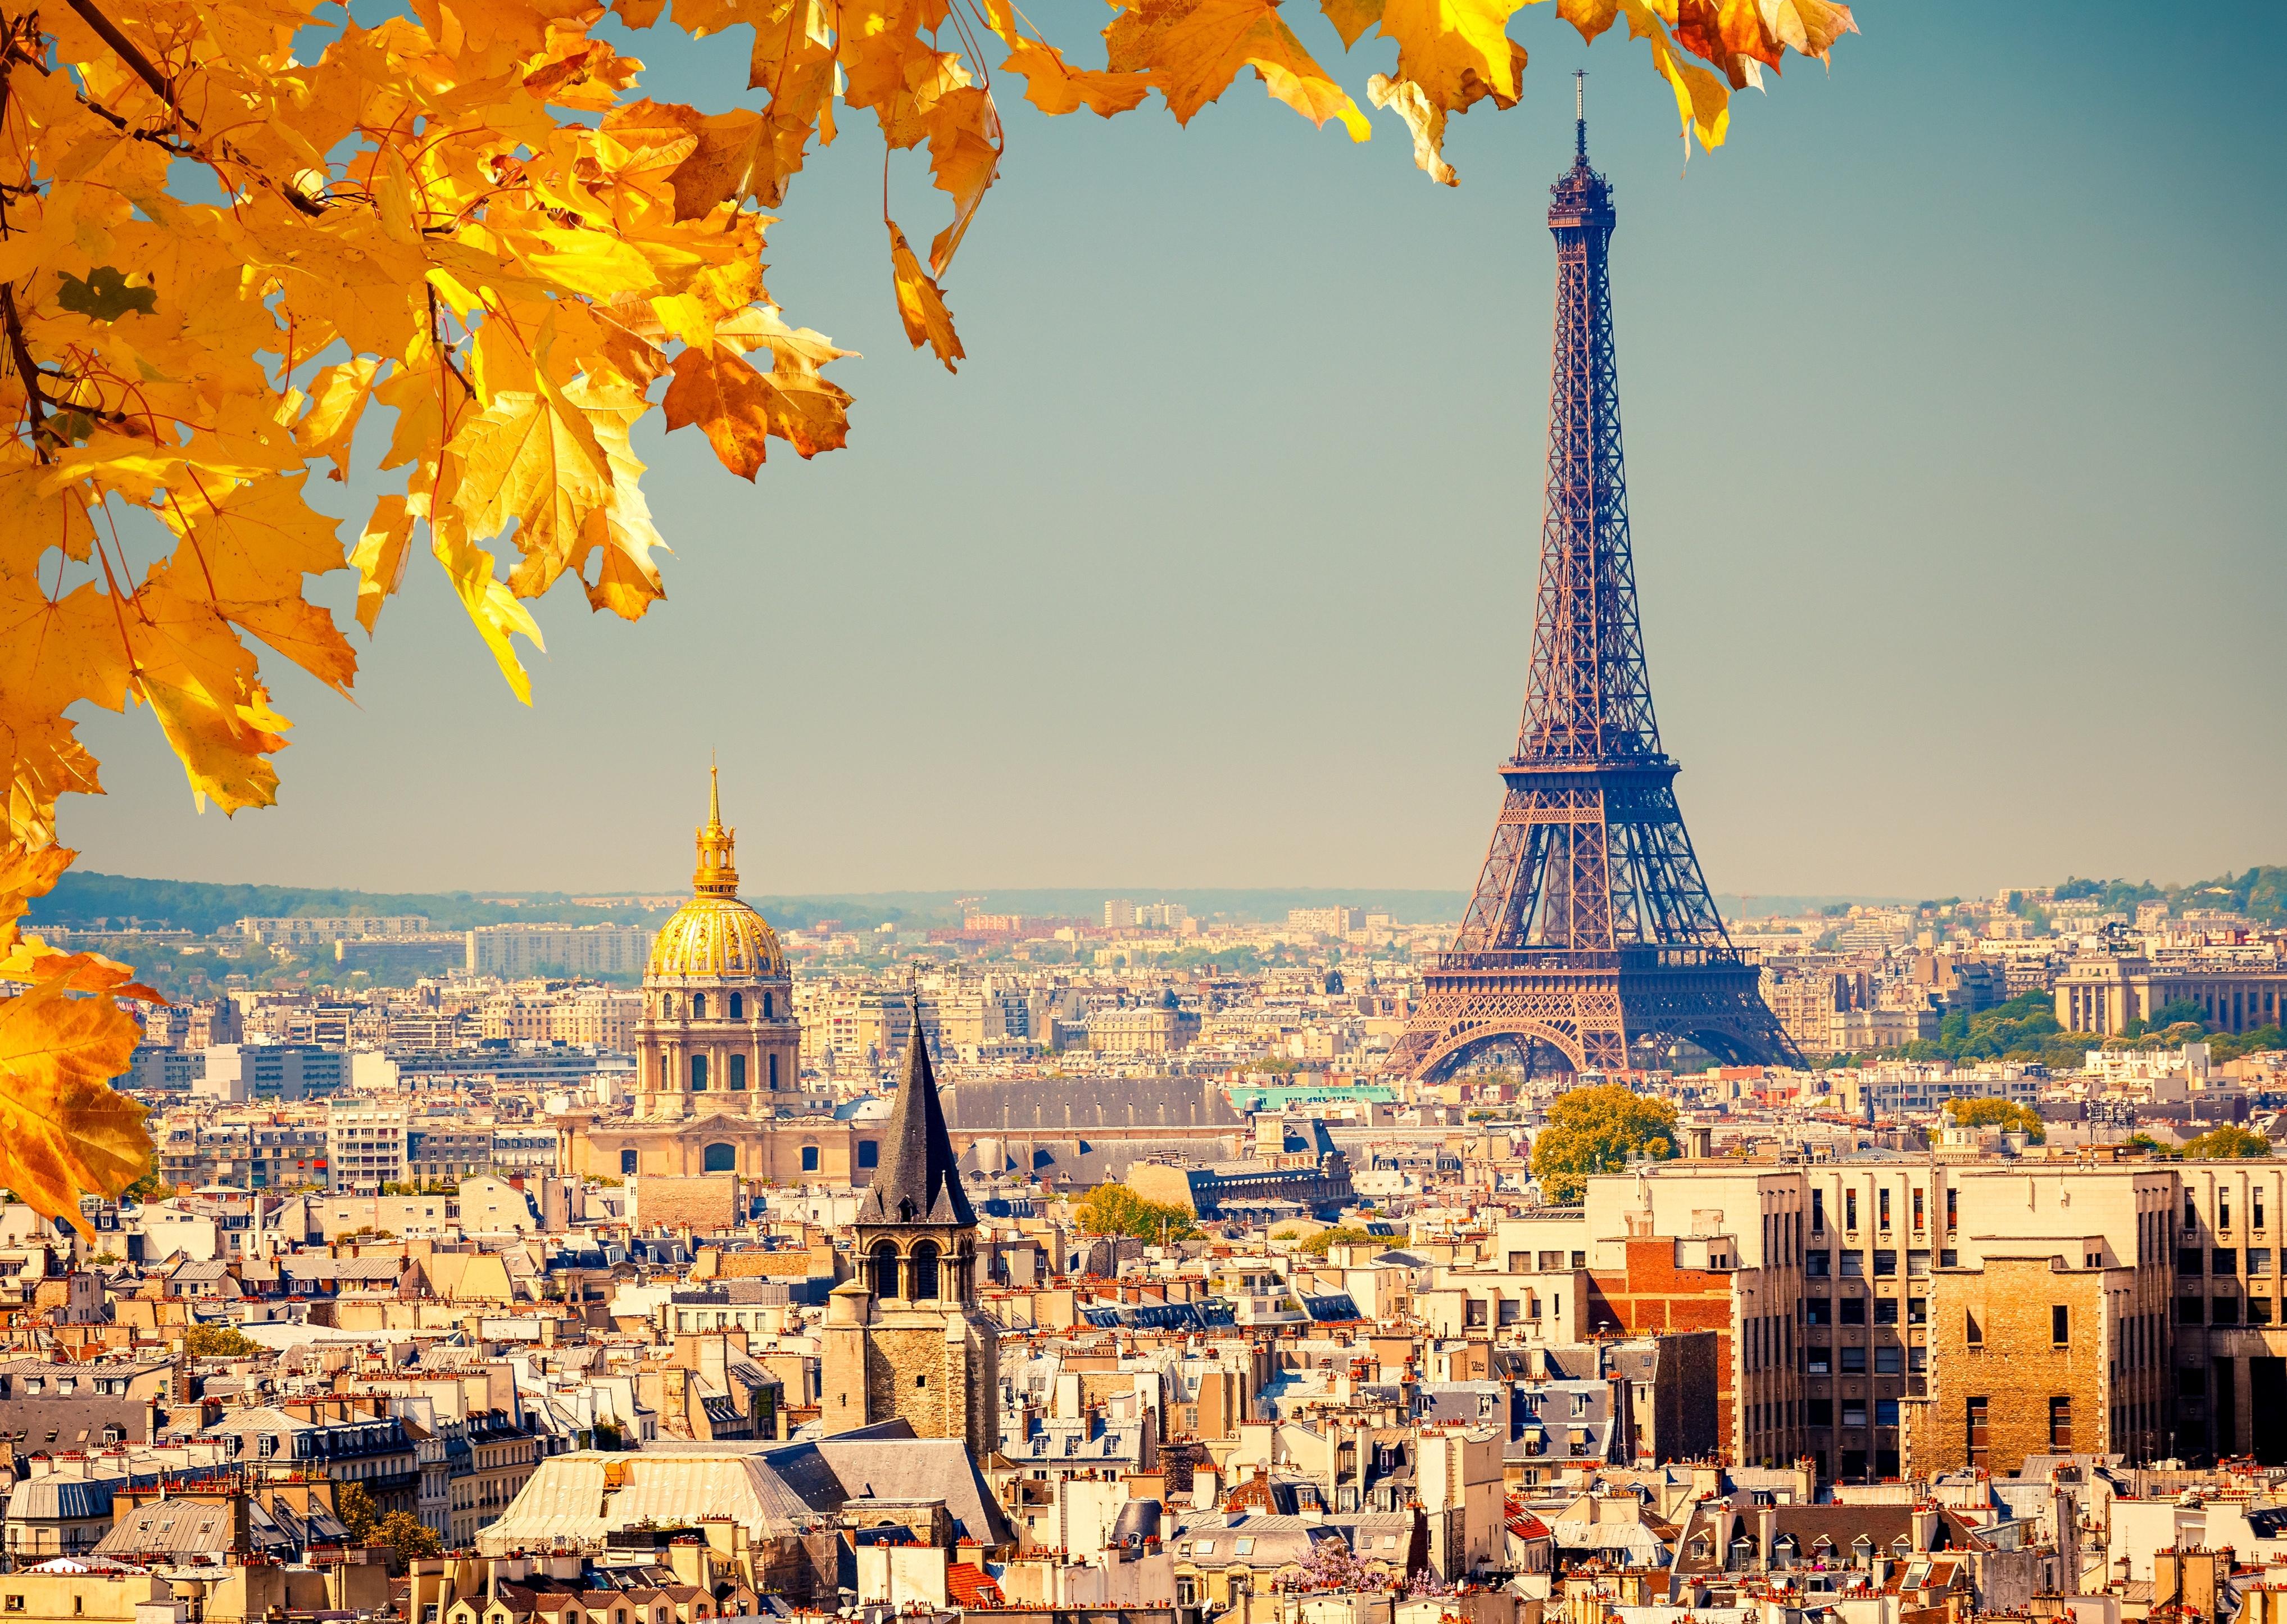 52d1b7a6a4b14 - VISITE A PARIS